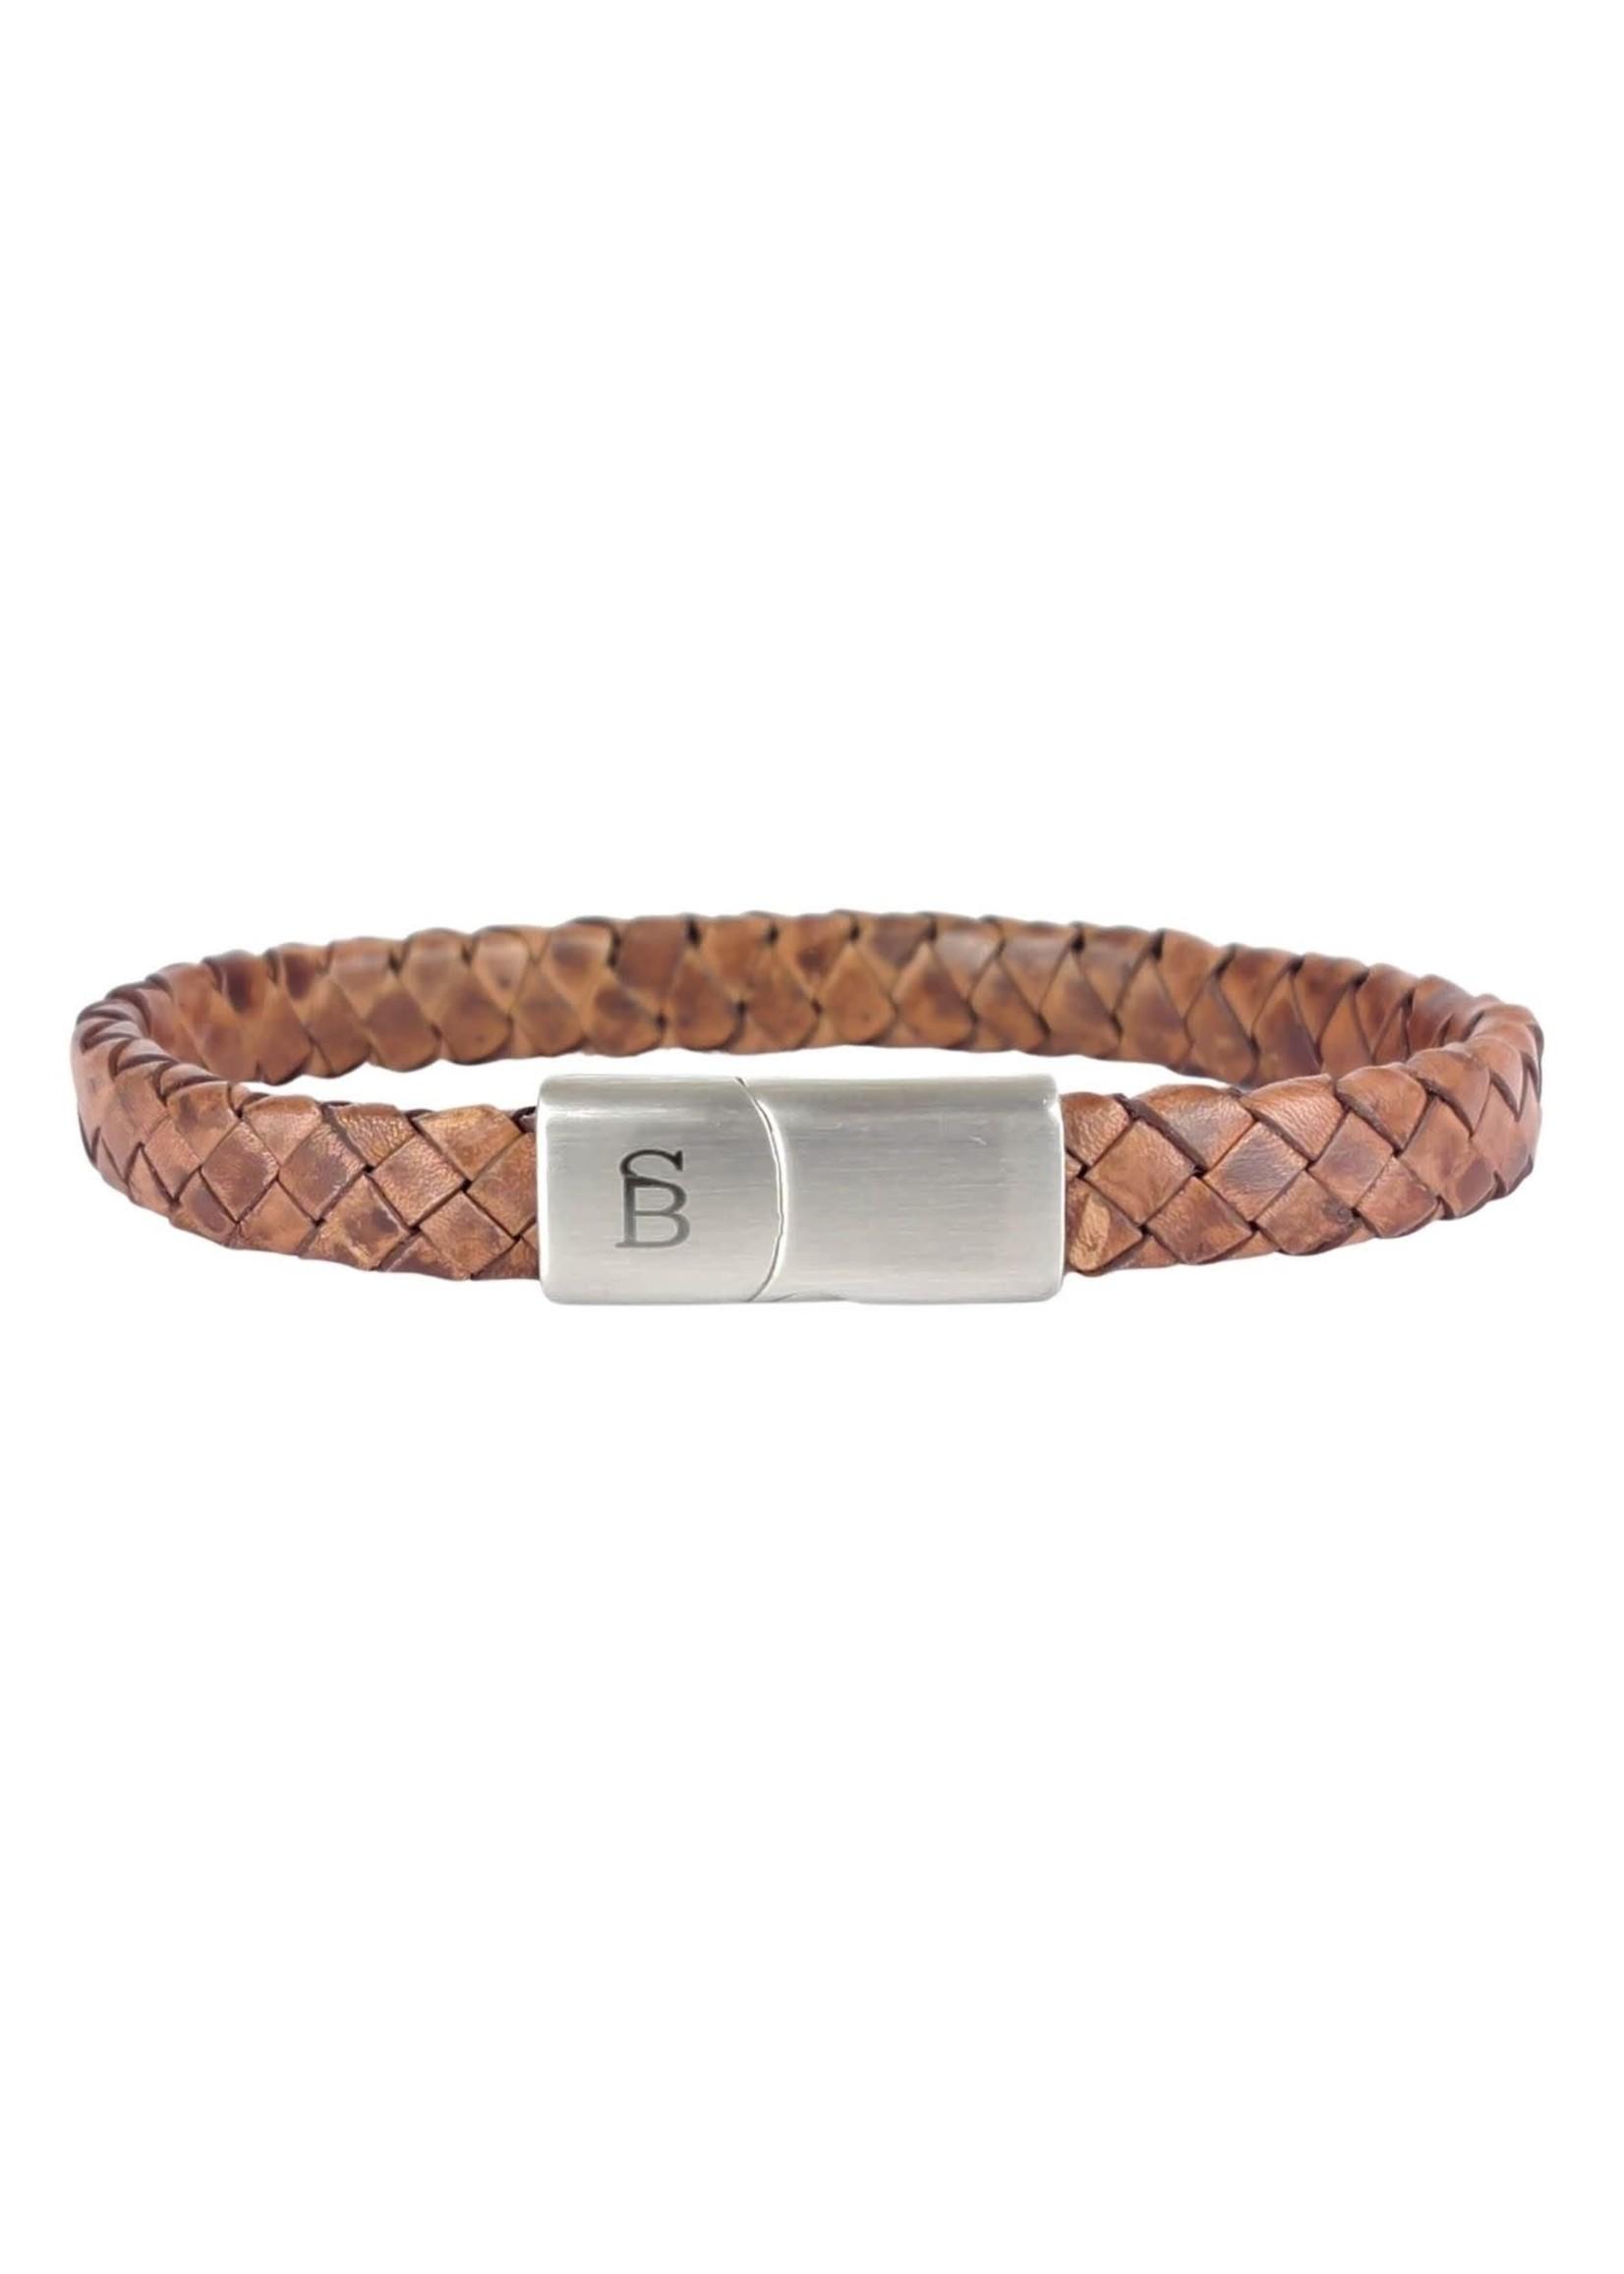 Steel & Barnett Leather Bracelet Riley | Caramel | Steel&Barnett